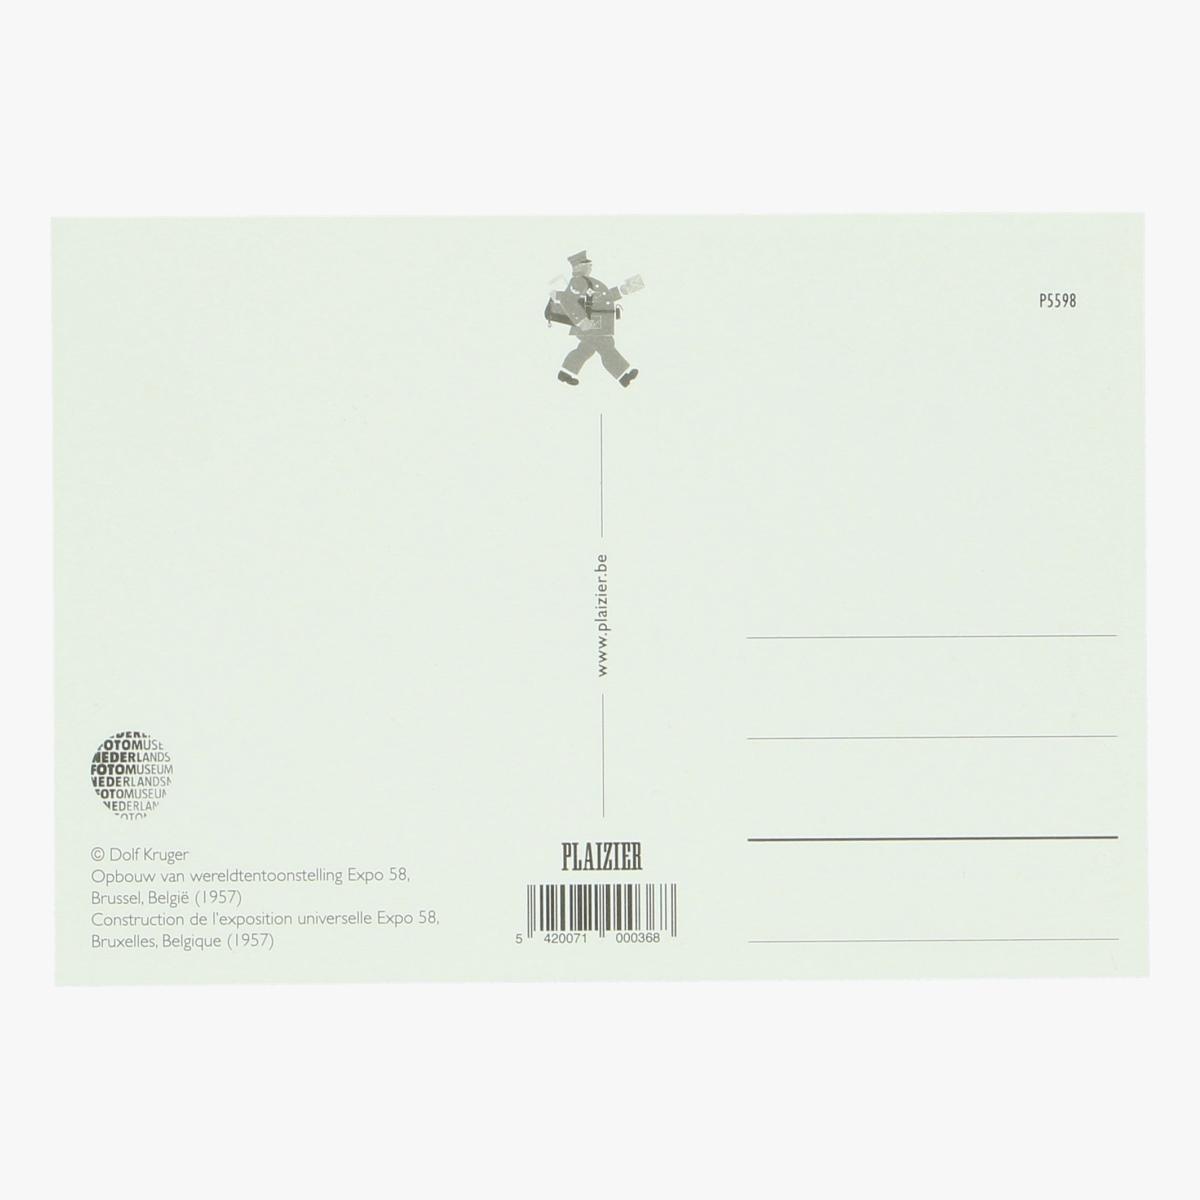 Afbeeldingen van postkaart opbouw van de wereldtentoonstelling expo 58 bxl (1957) repro